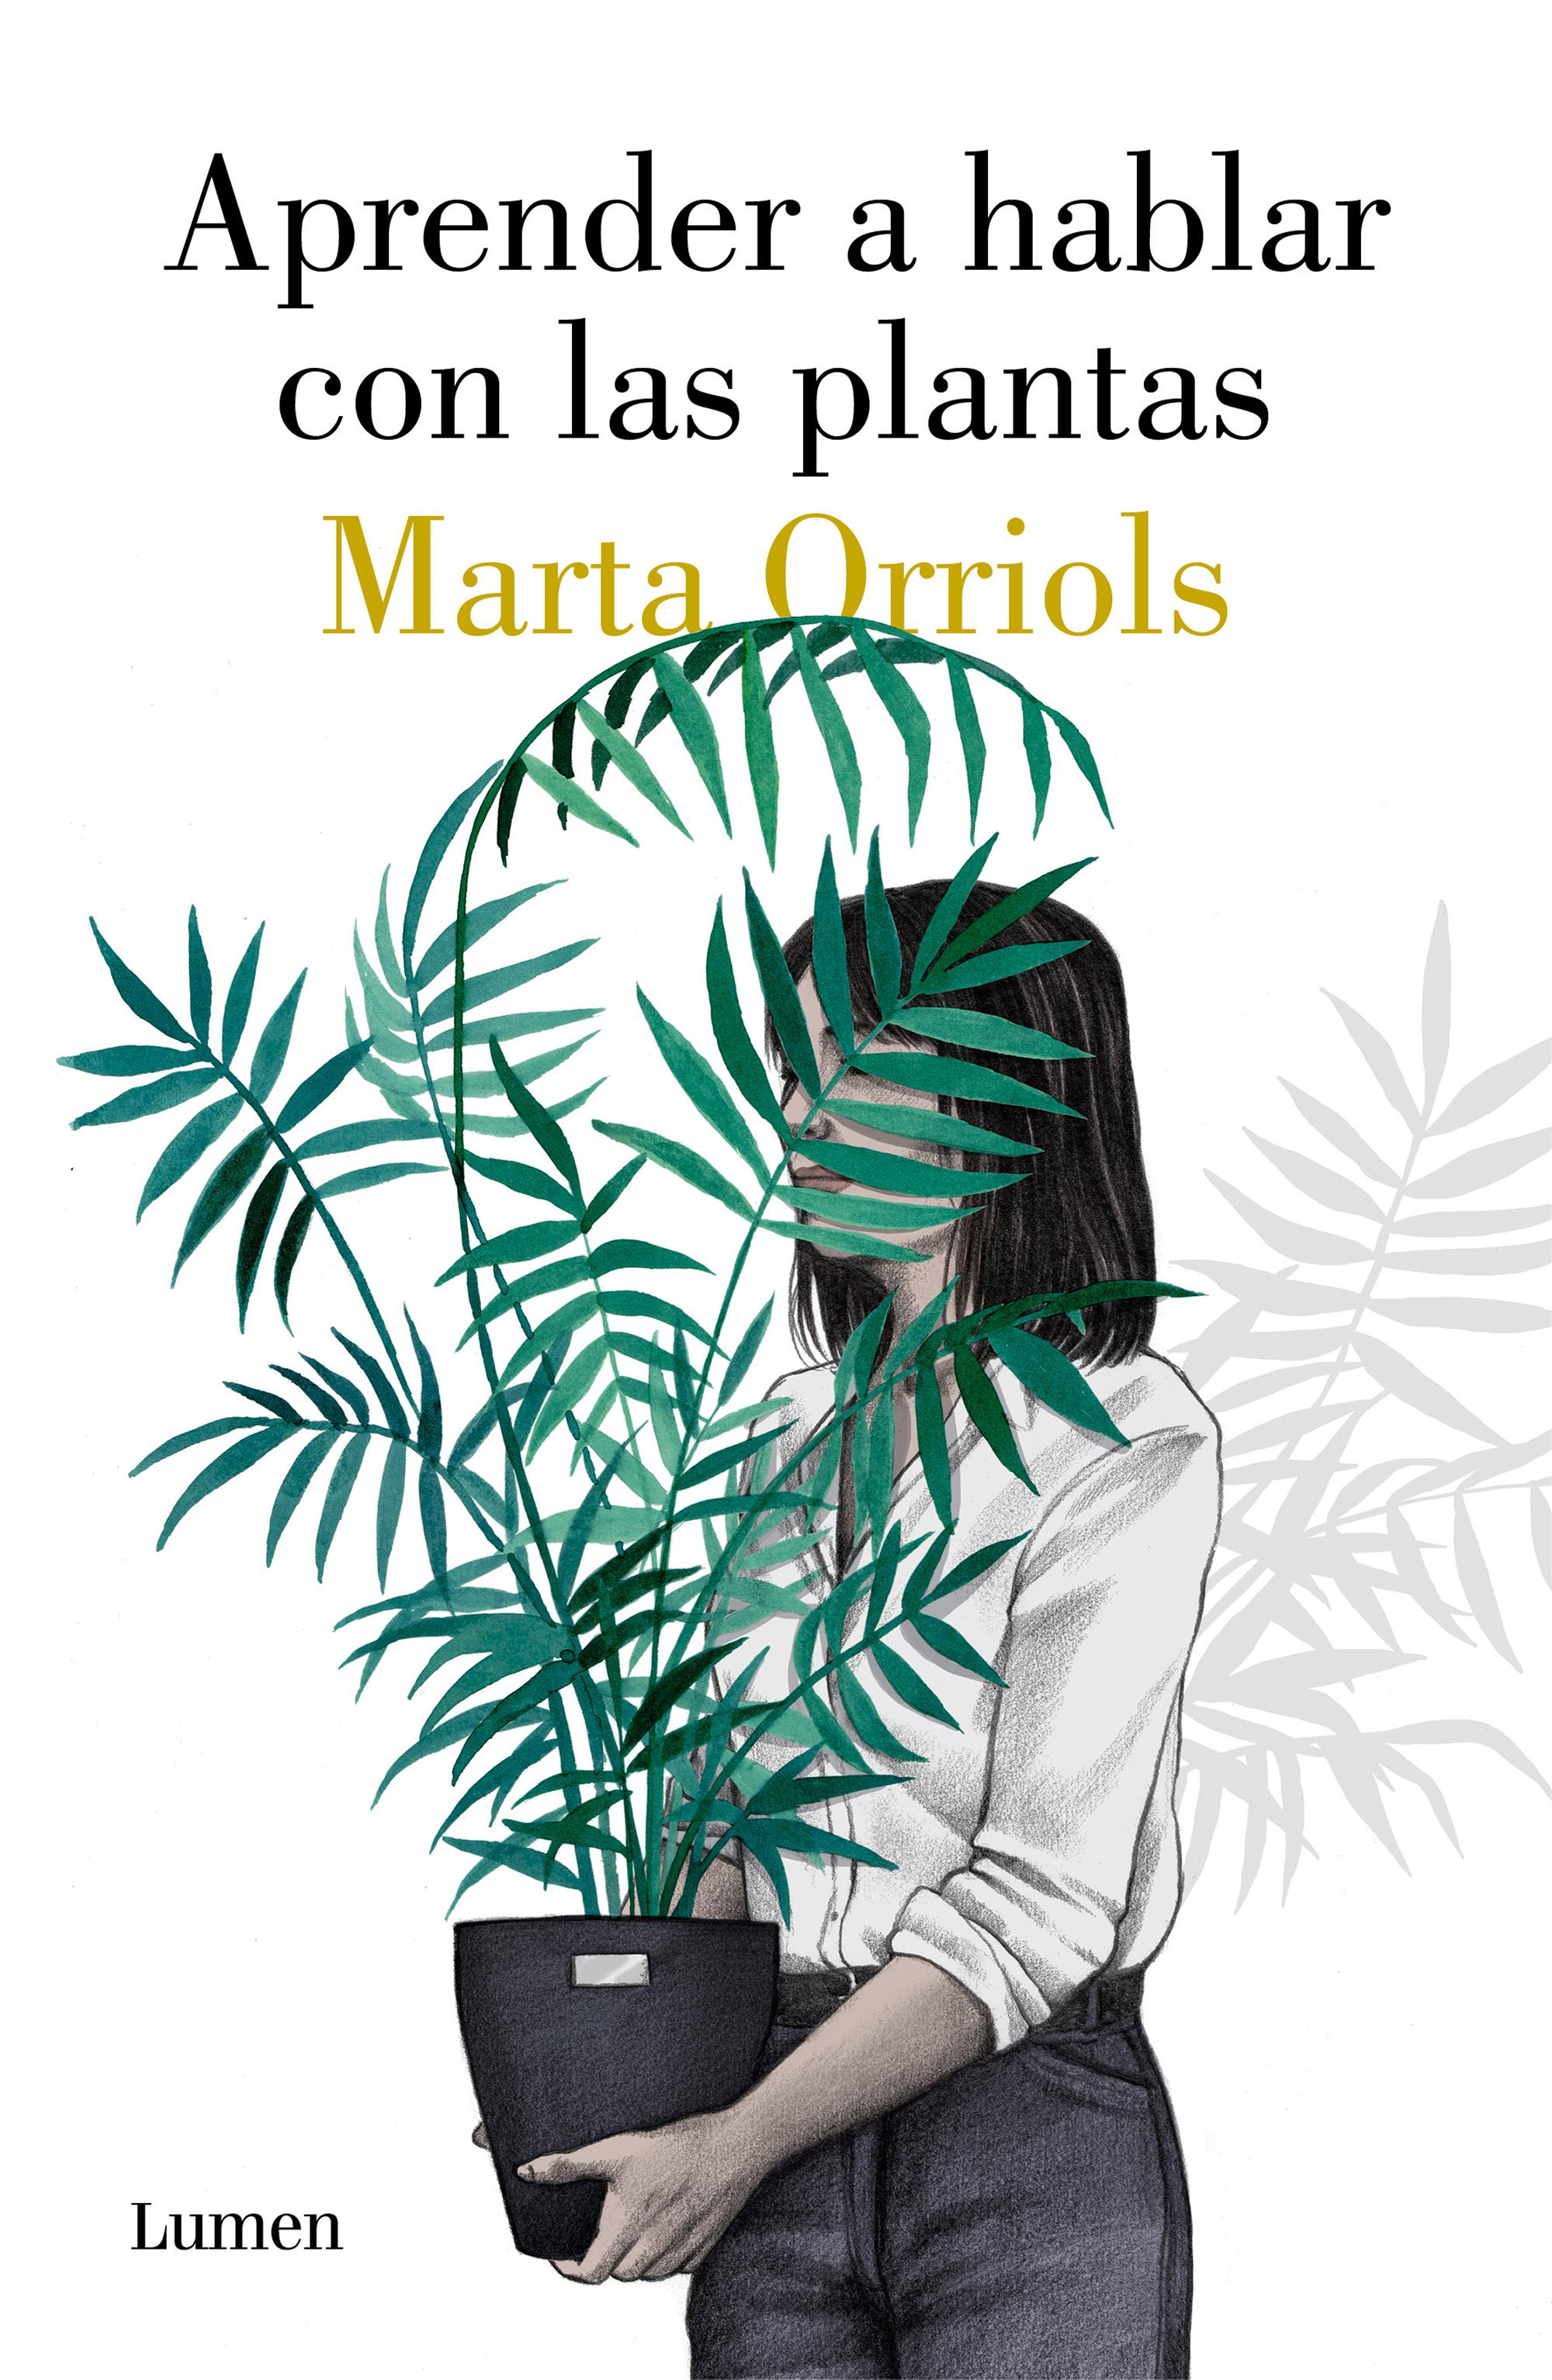 Portada libro Aprender a hablar con las plantas de Marta Orriols